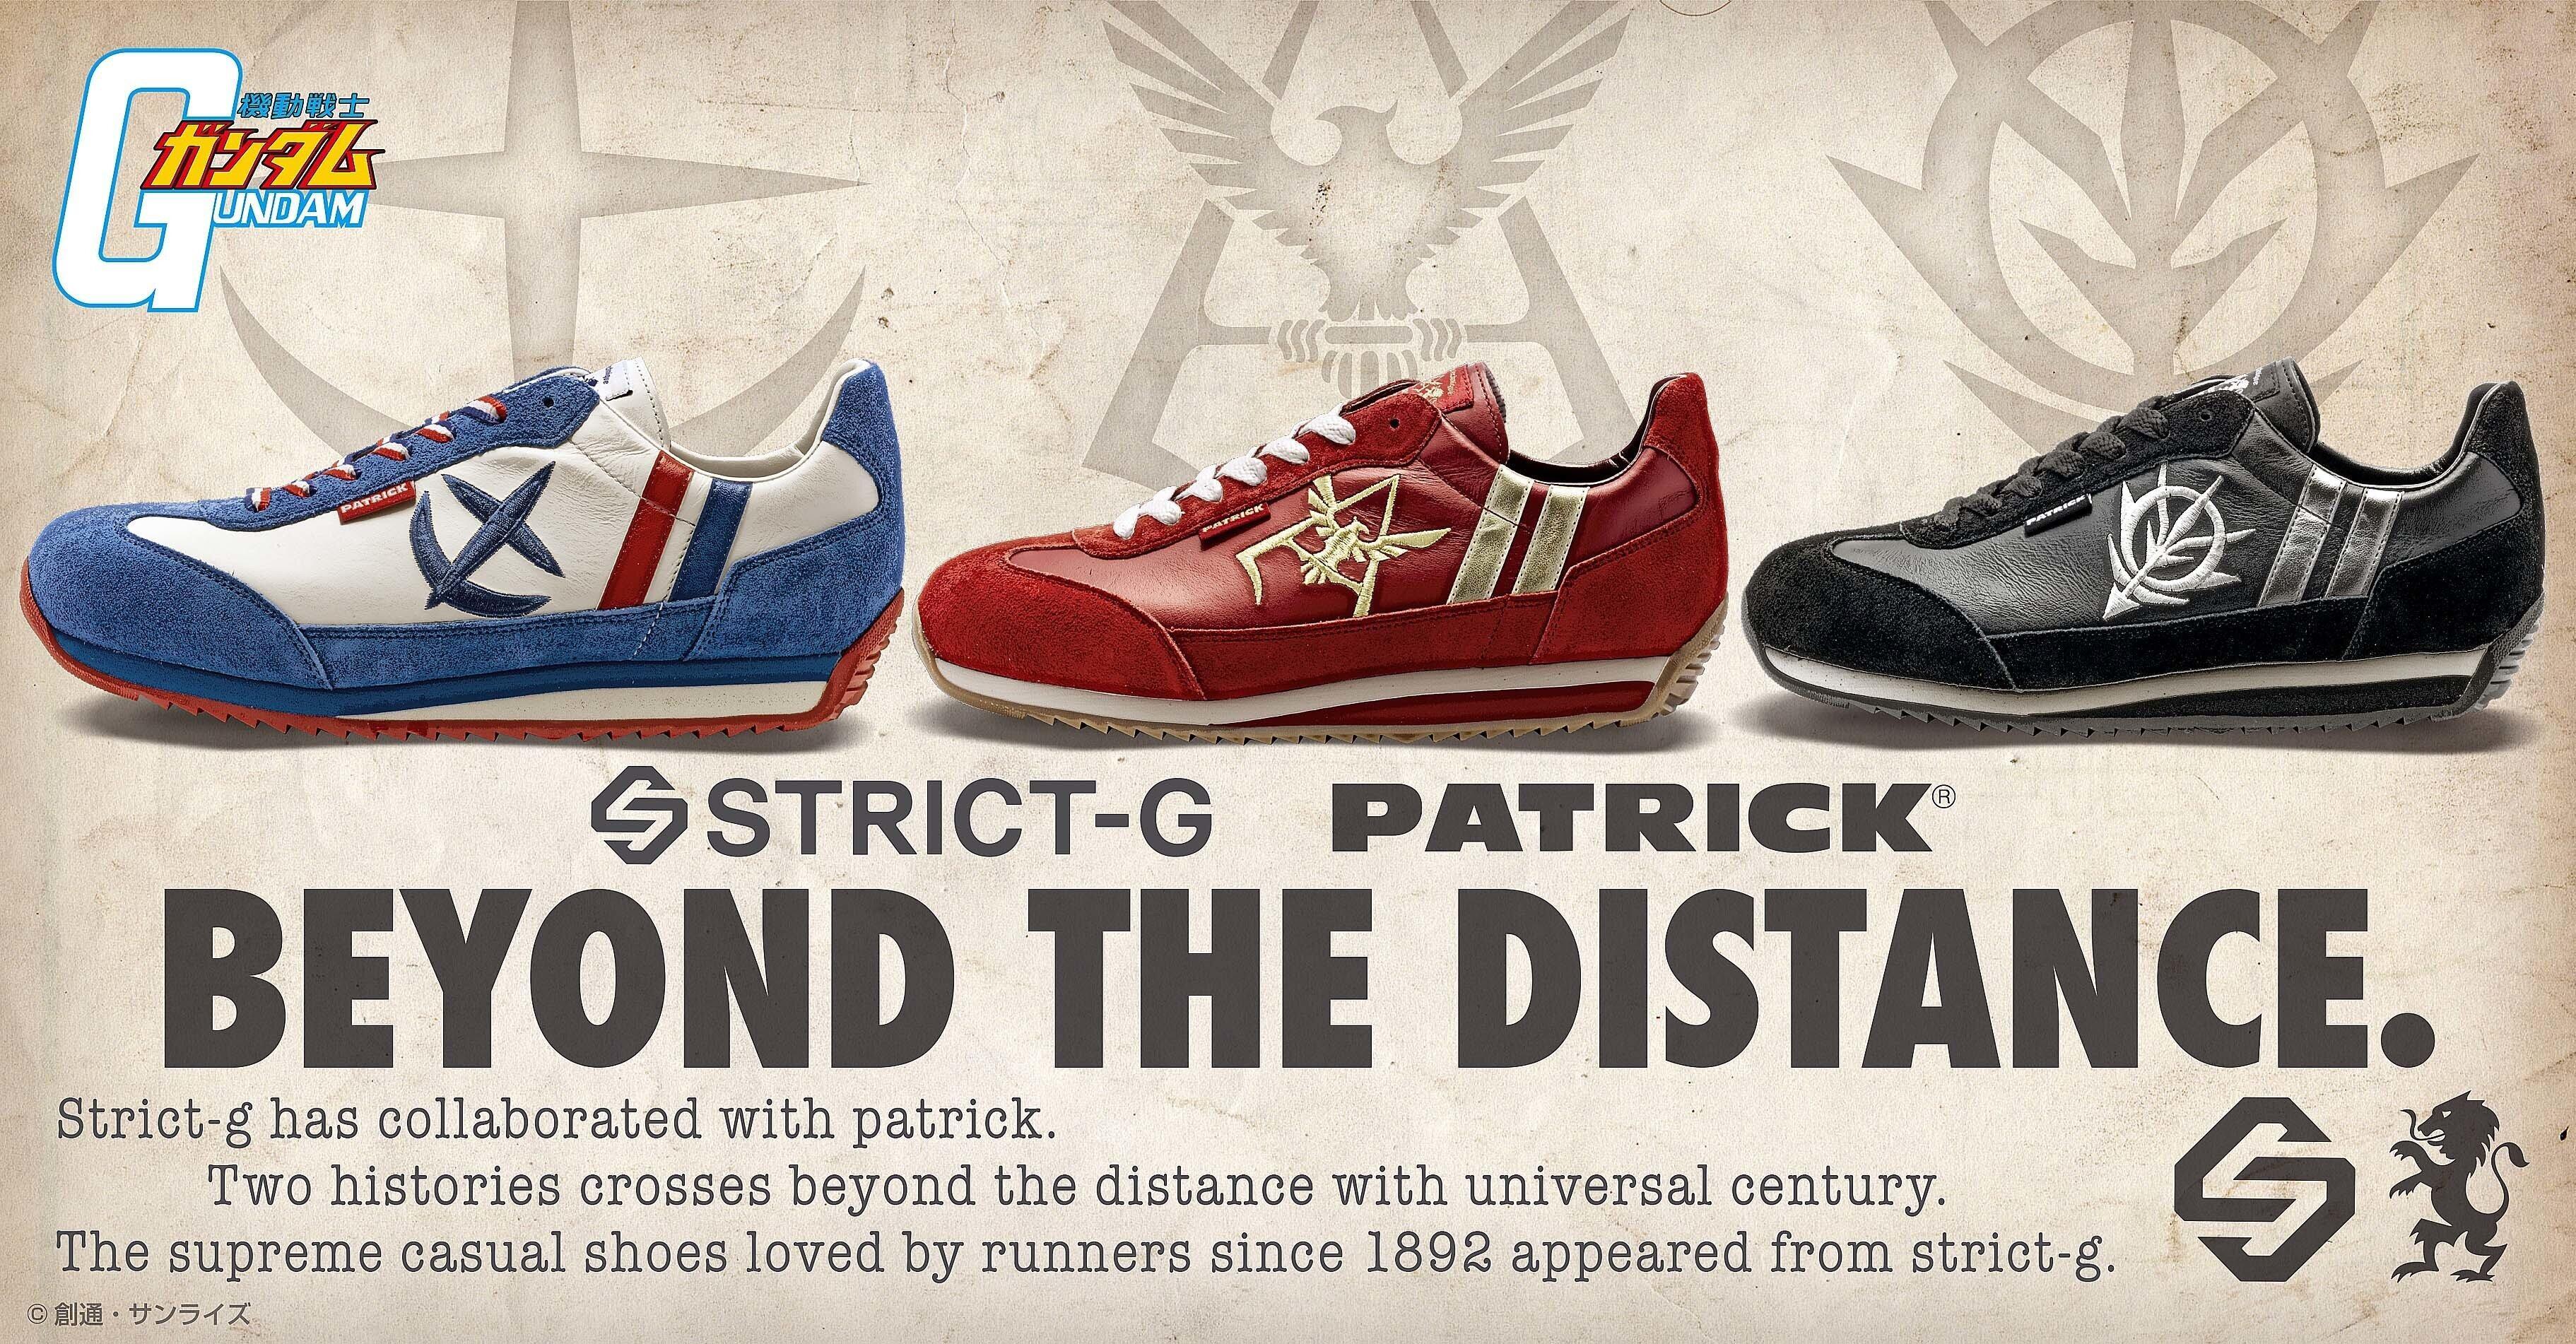 「ガンダム」と仏ブランド「PATRICK」コラボの本革スニーカー